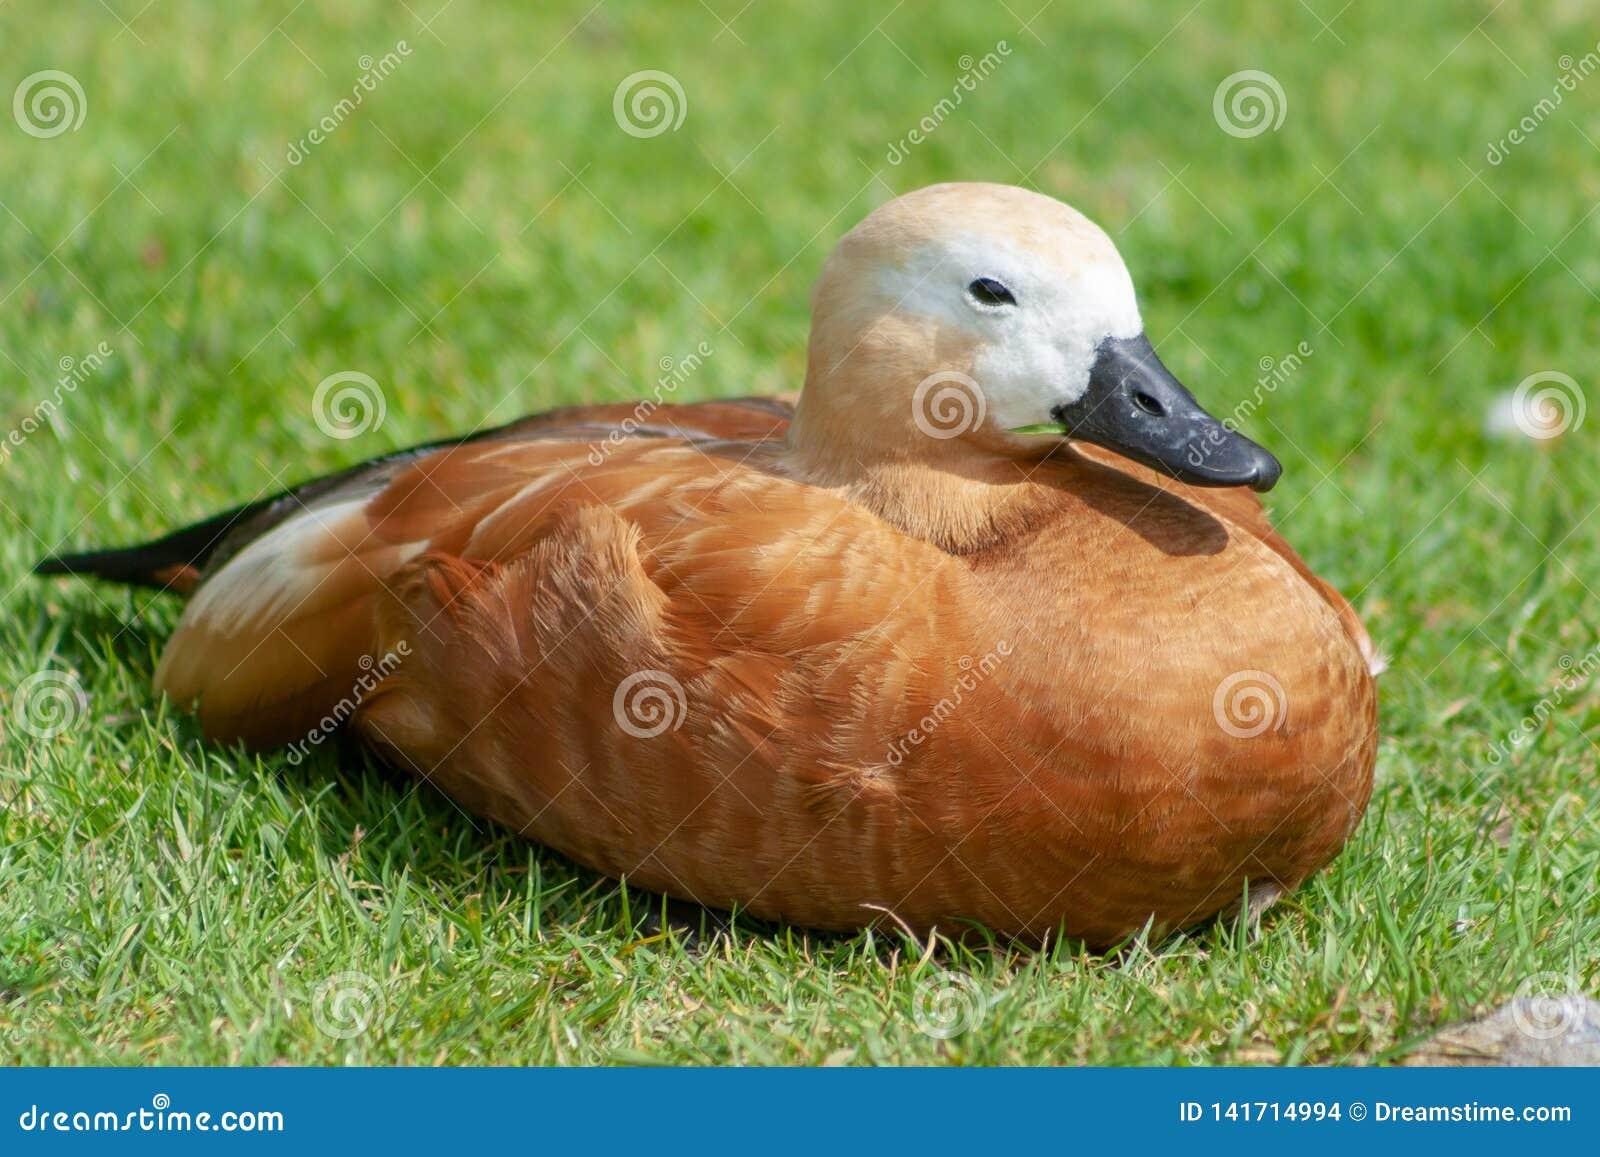 A duck enjoing sunbath